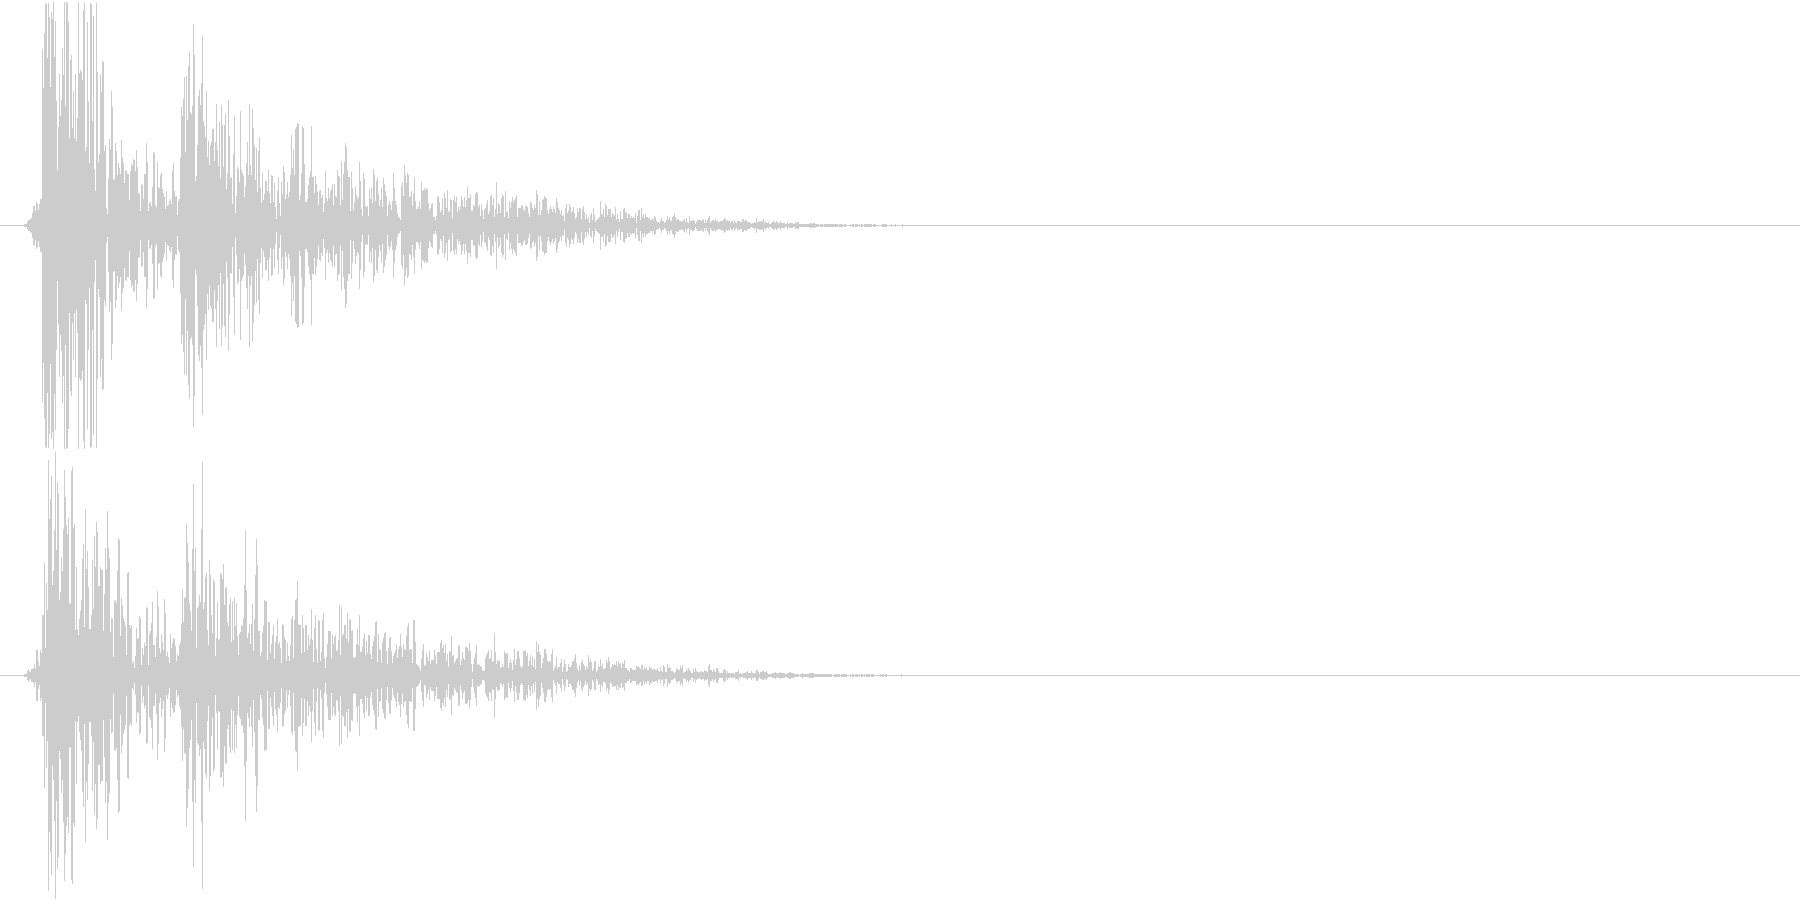 コンコンコーン…(物を落とした時の音)の未再生の波形